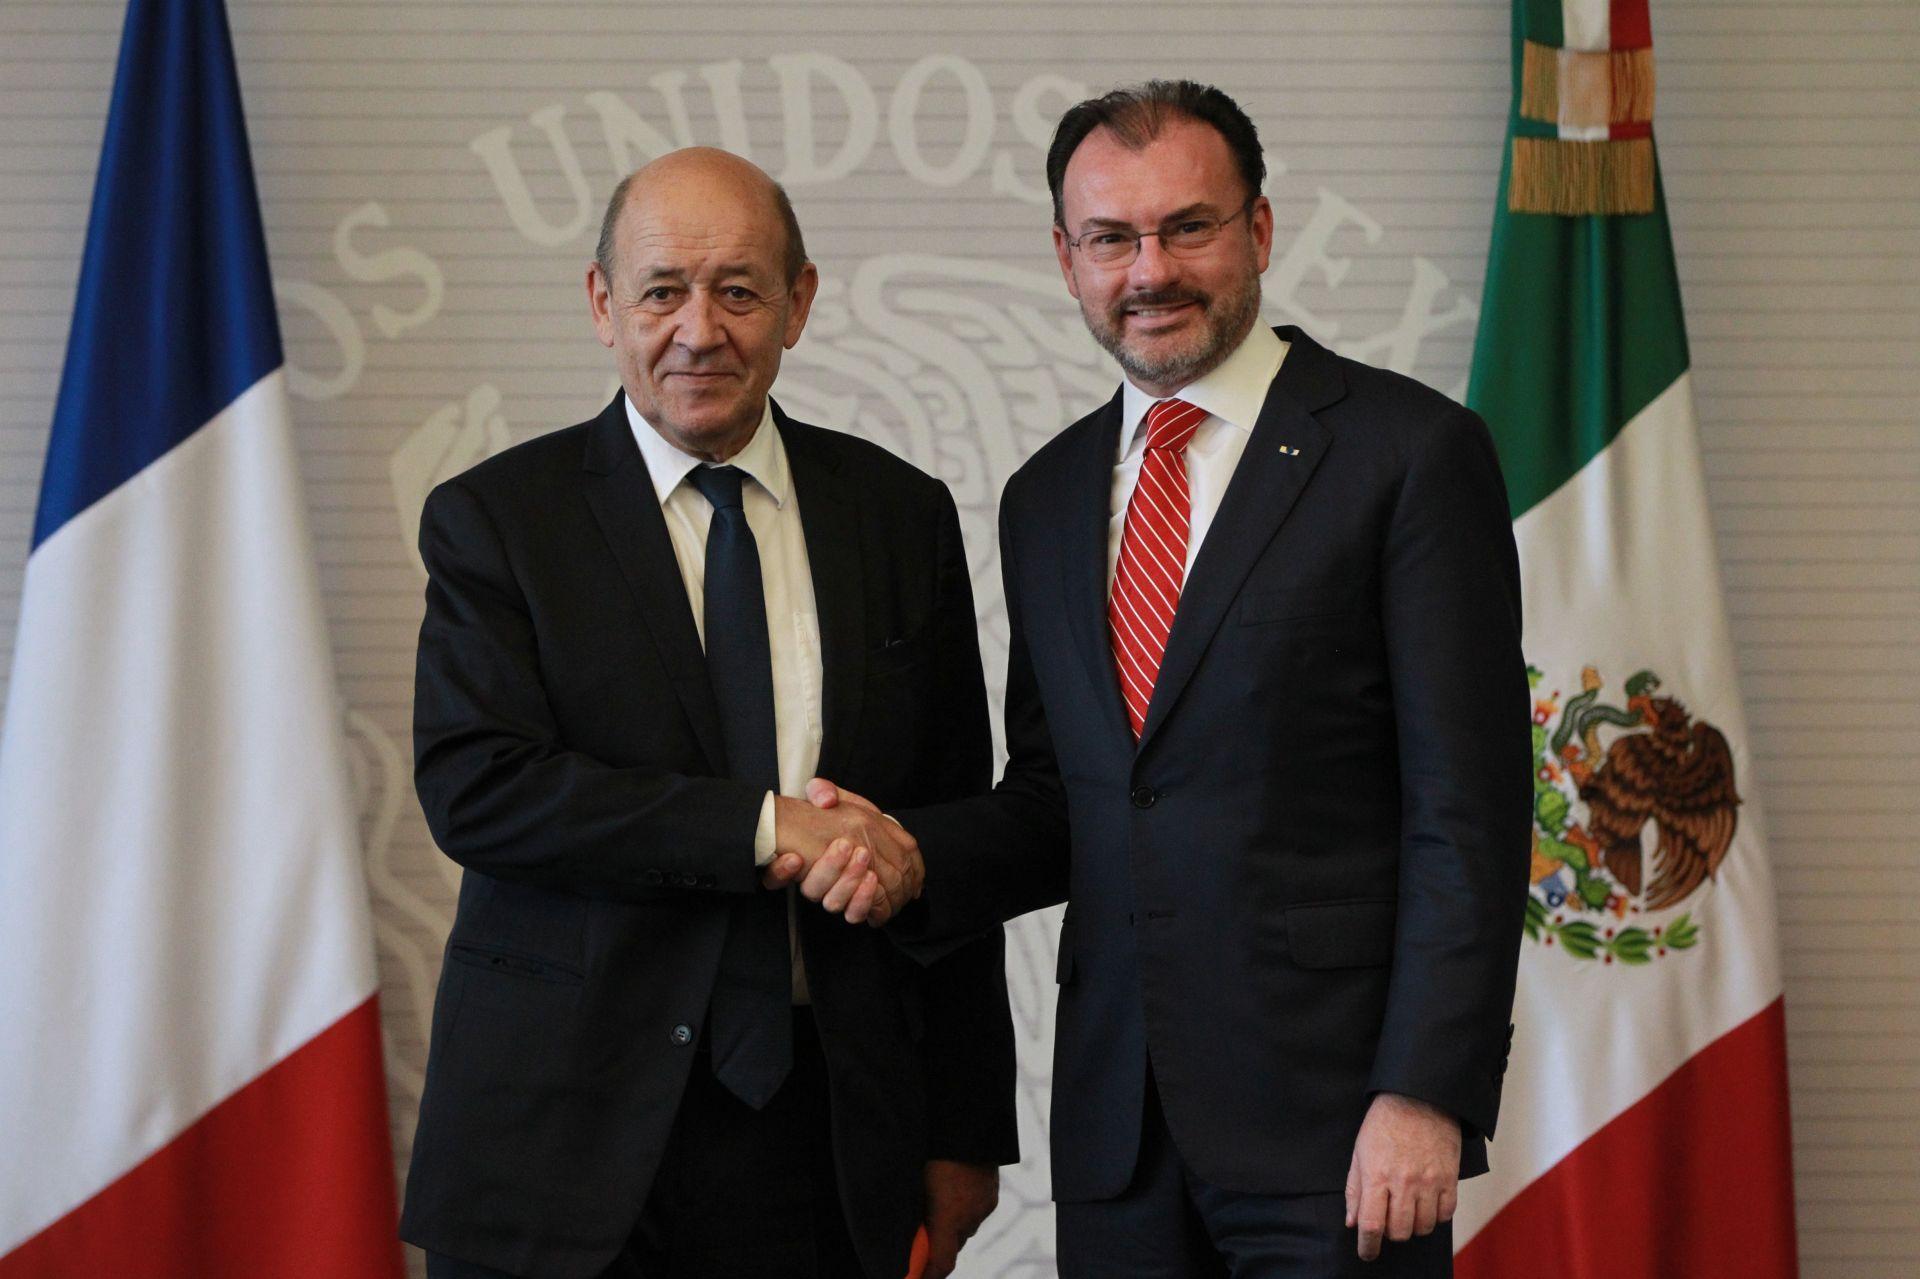 El ministro para Europa y Asuntos Exteriores de Francia, Jean-Yves Le Drian (i), se encuentra con el canciller de México, Luis Videgaray Caso (d).